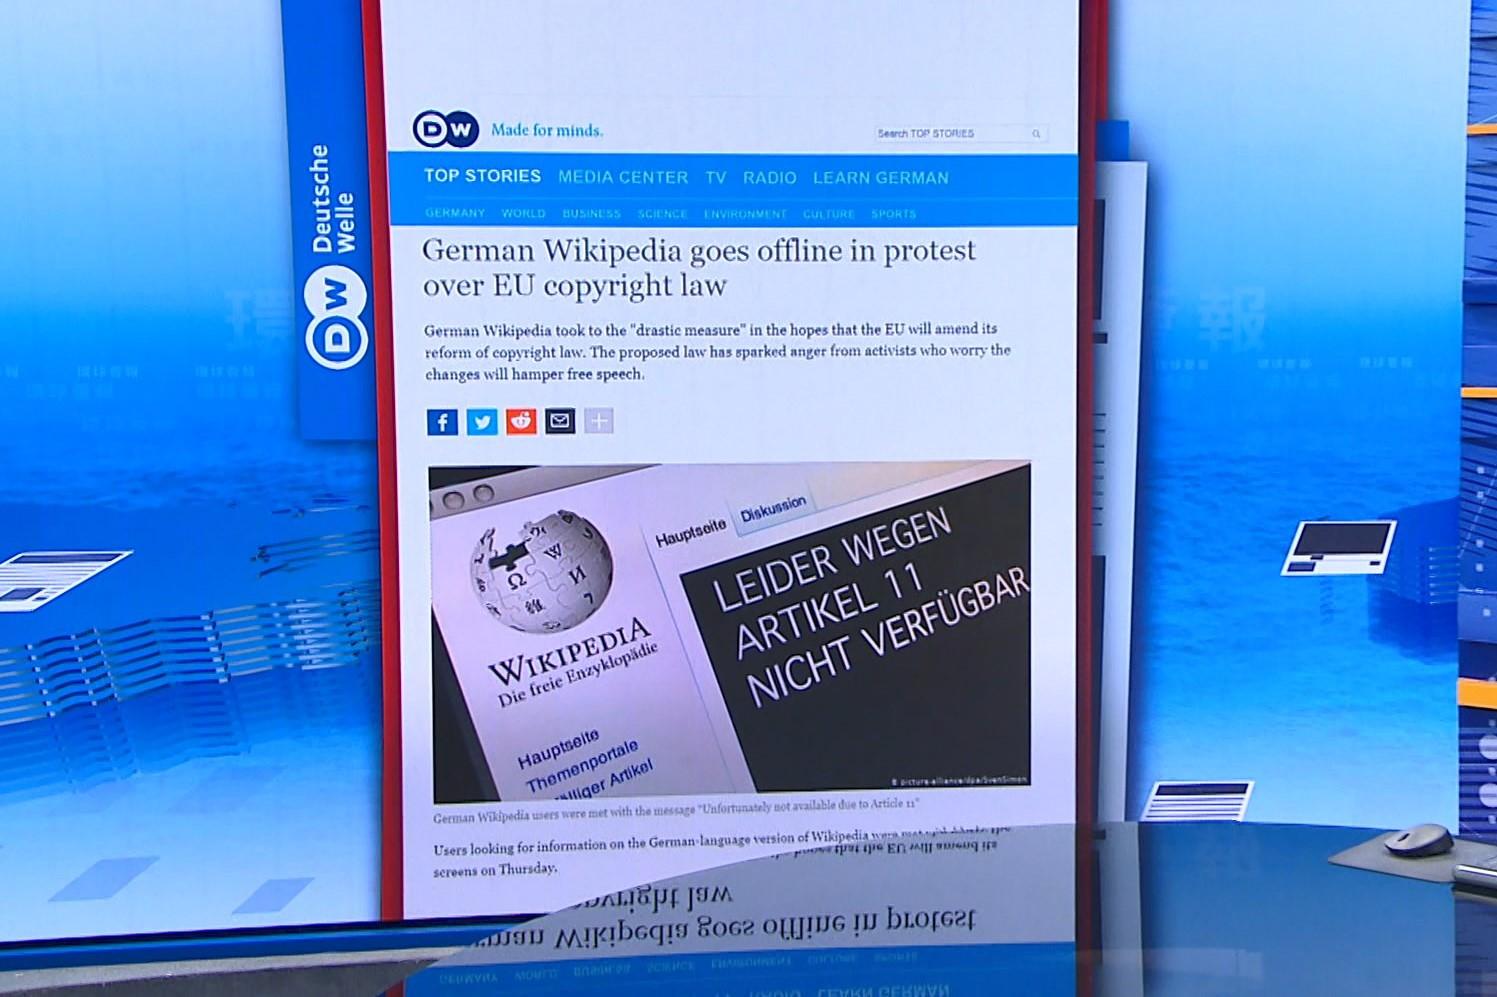 【環球薈報】維基百科關閉一天抗議新版權法